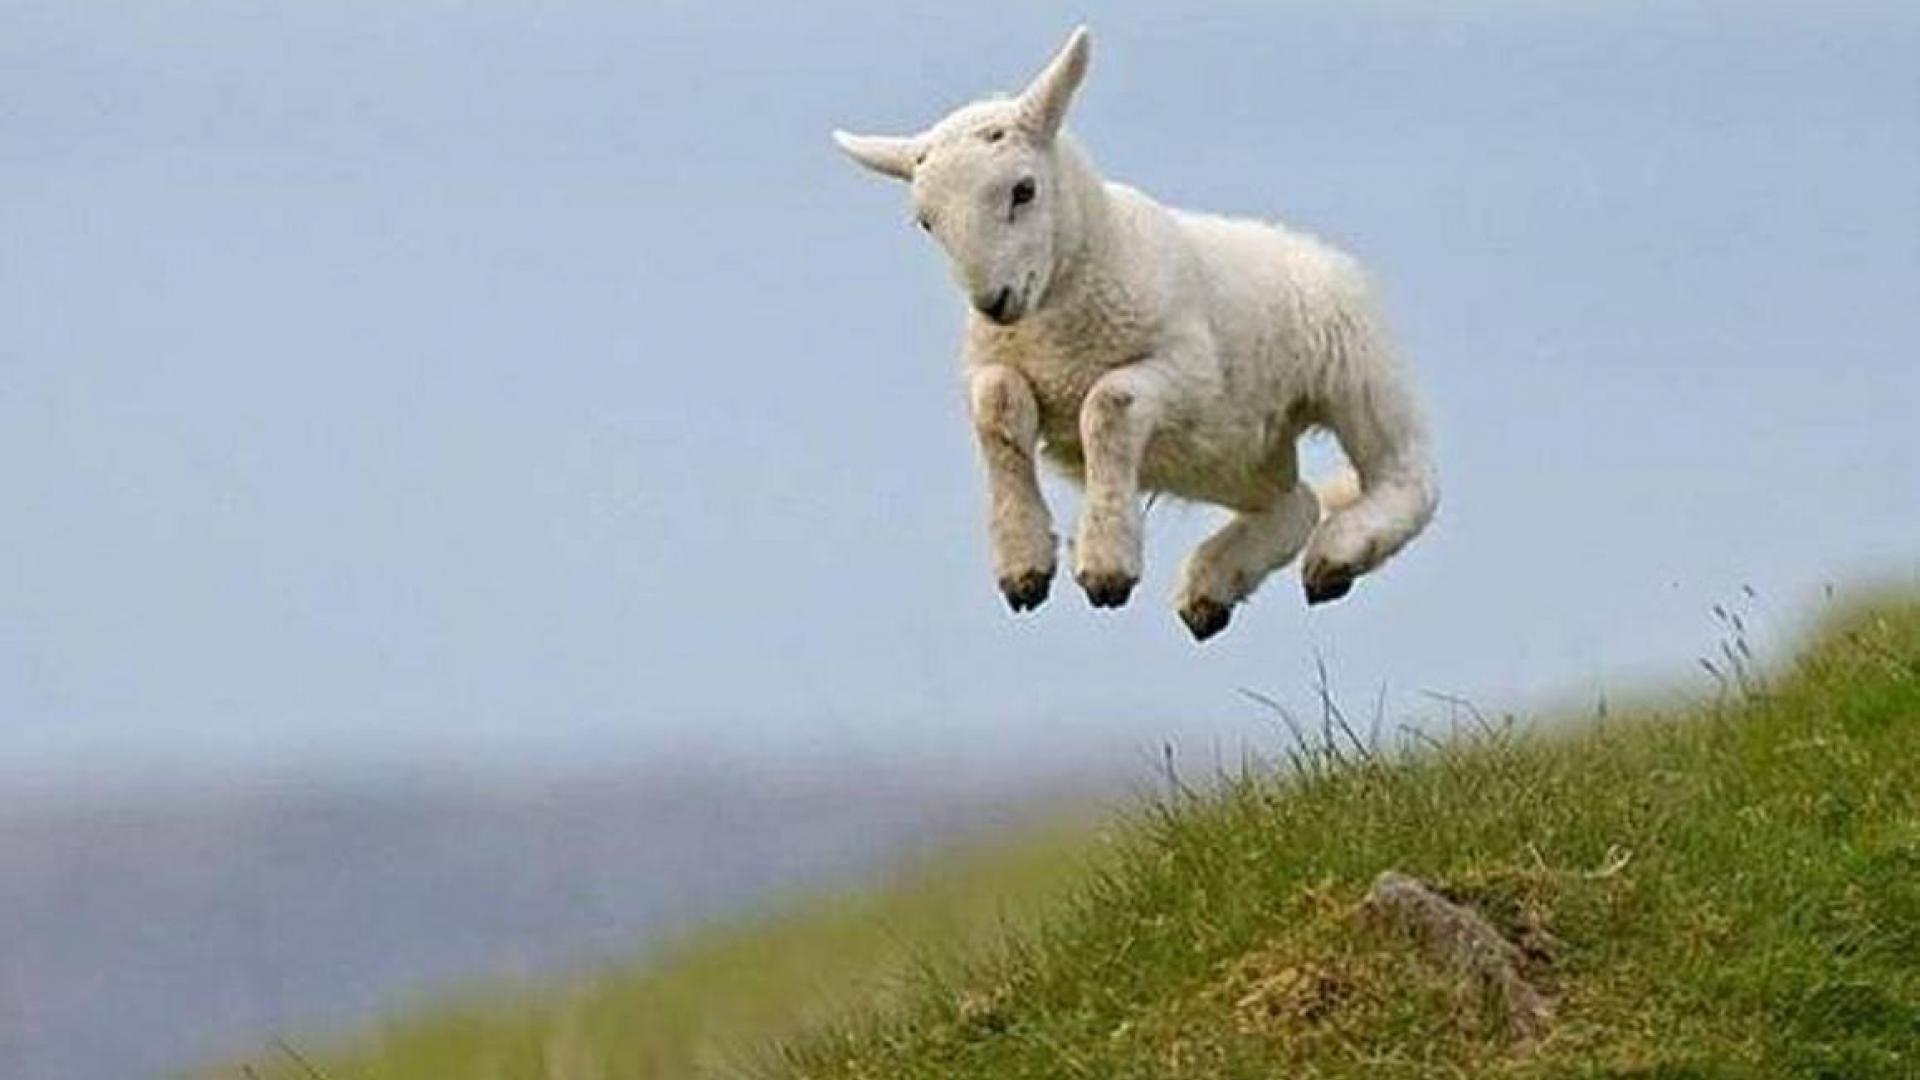 leaping lamb wallpaper – (#85880) – HQ Desktop Wallpapers .